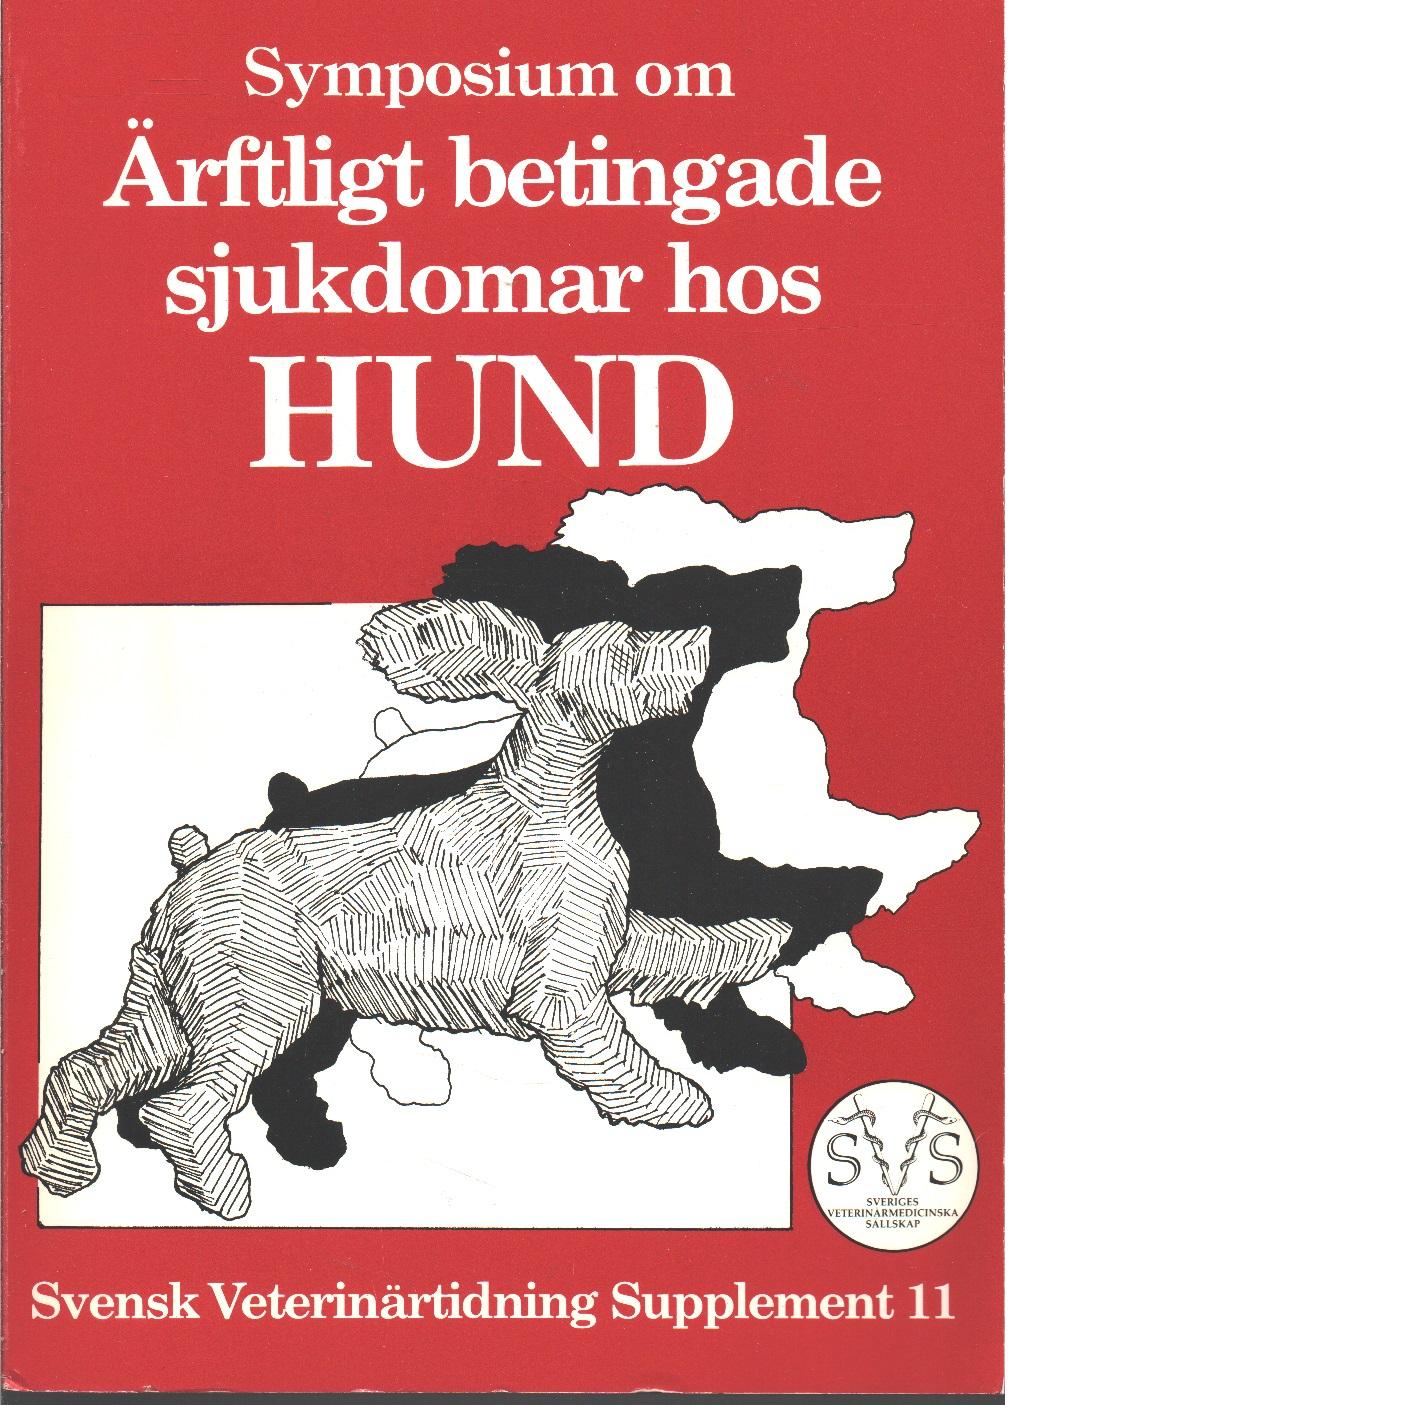 Symposium om ärftligt betingade sjukdomar hos hund : förekomst, nedärvning och bekämpning i sverige - Red.